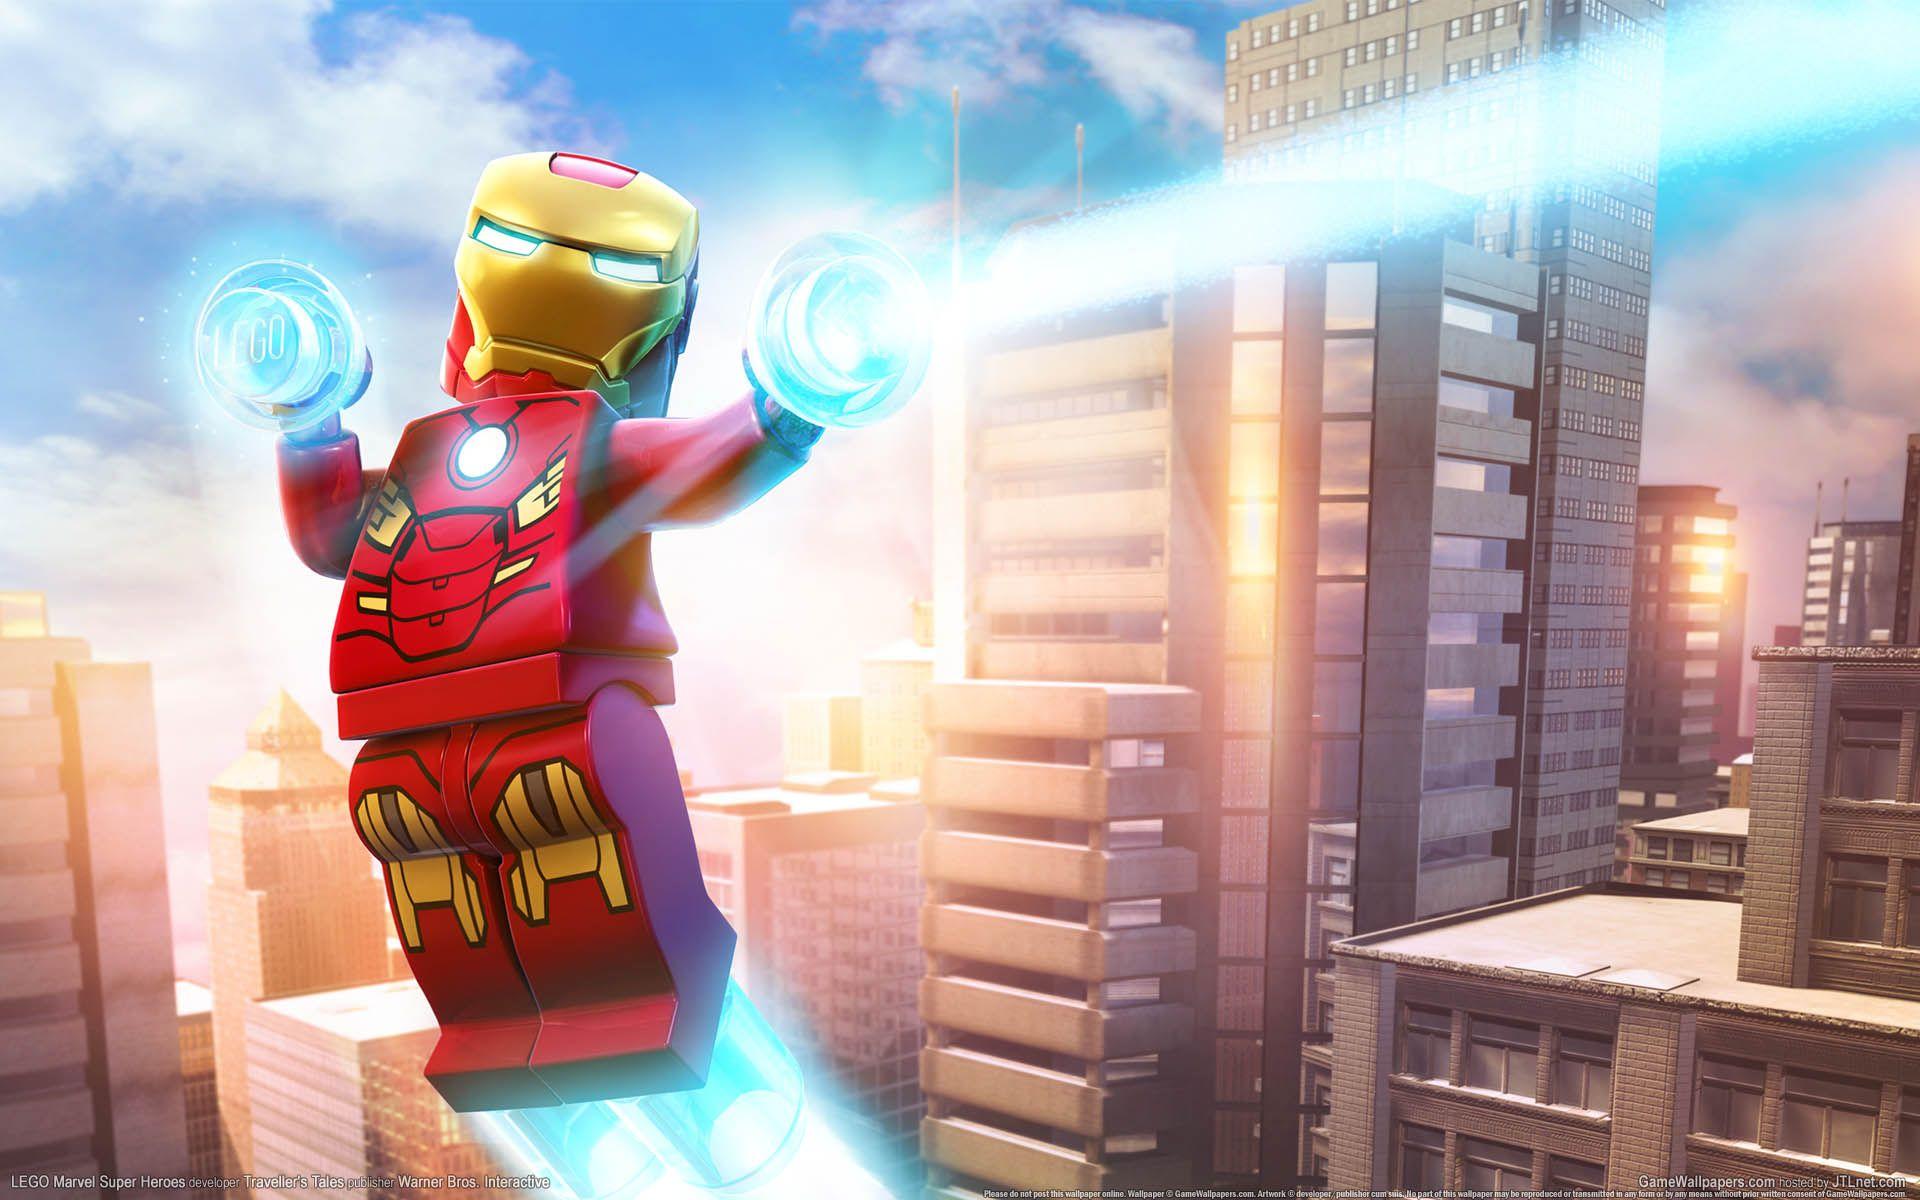 Tolle Lego Marvel Superhelden Malvorlagen Bilder - Malvorlagen Von ...